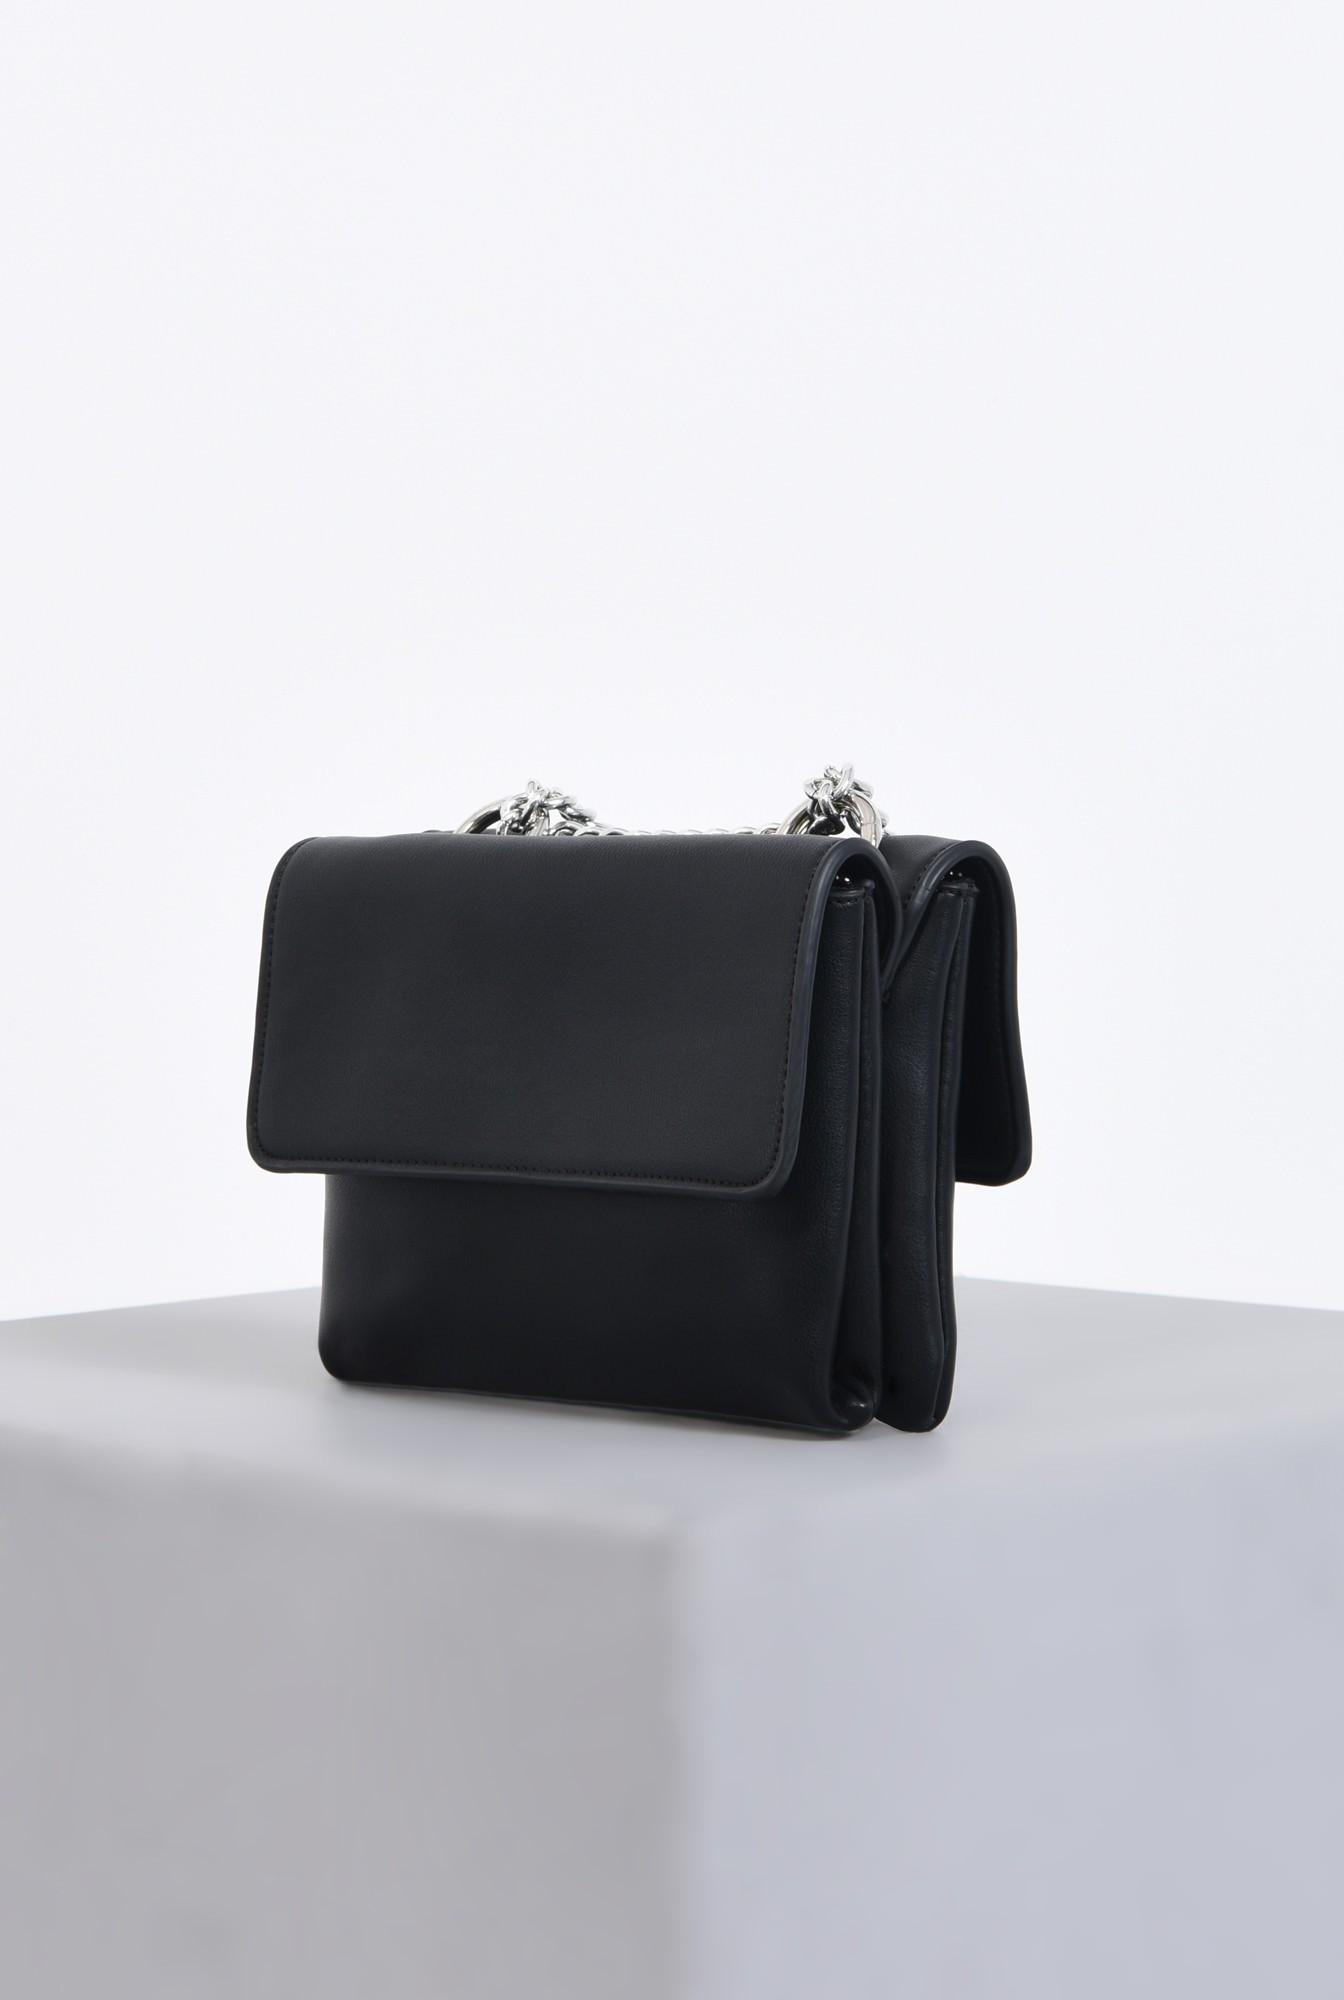 1 - geanta casual, accesorii, negru